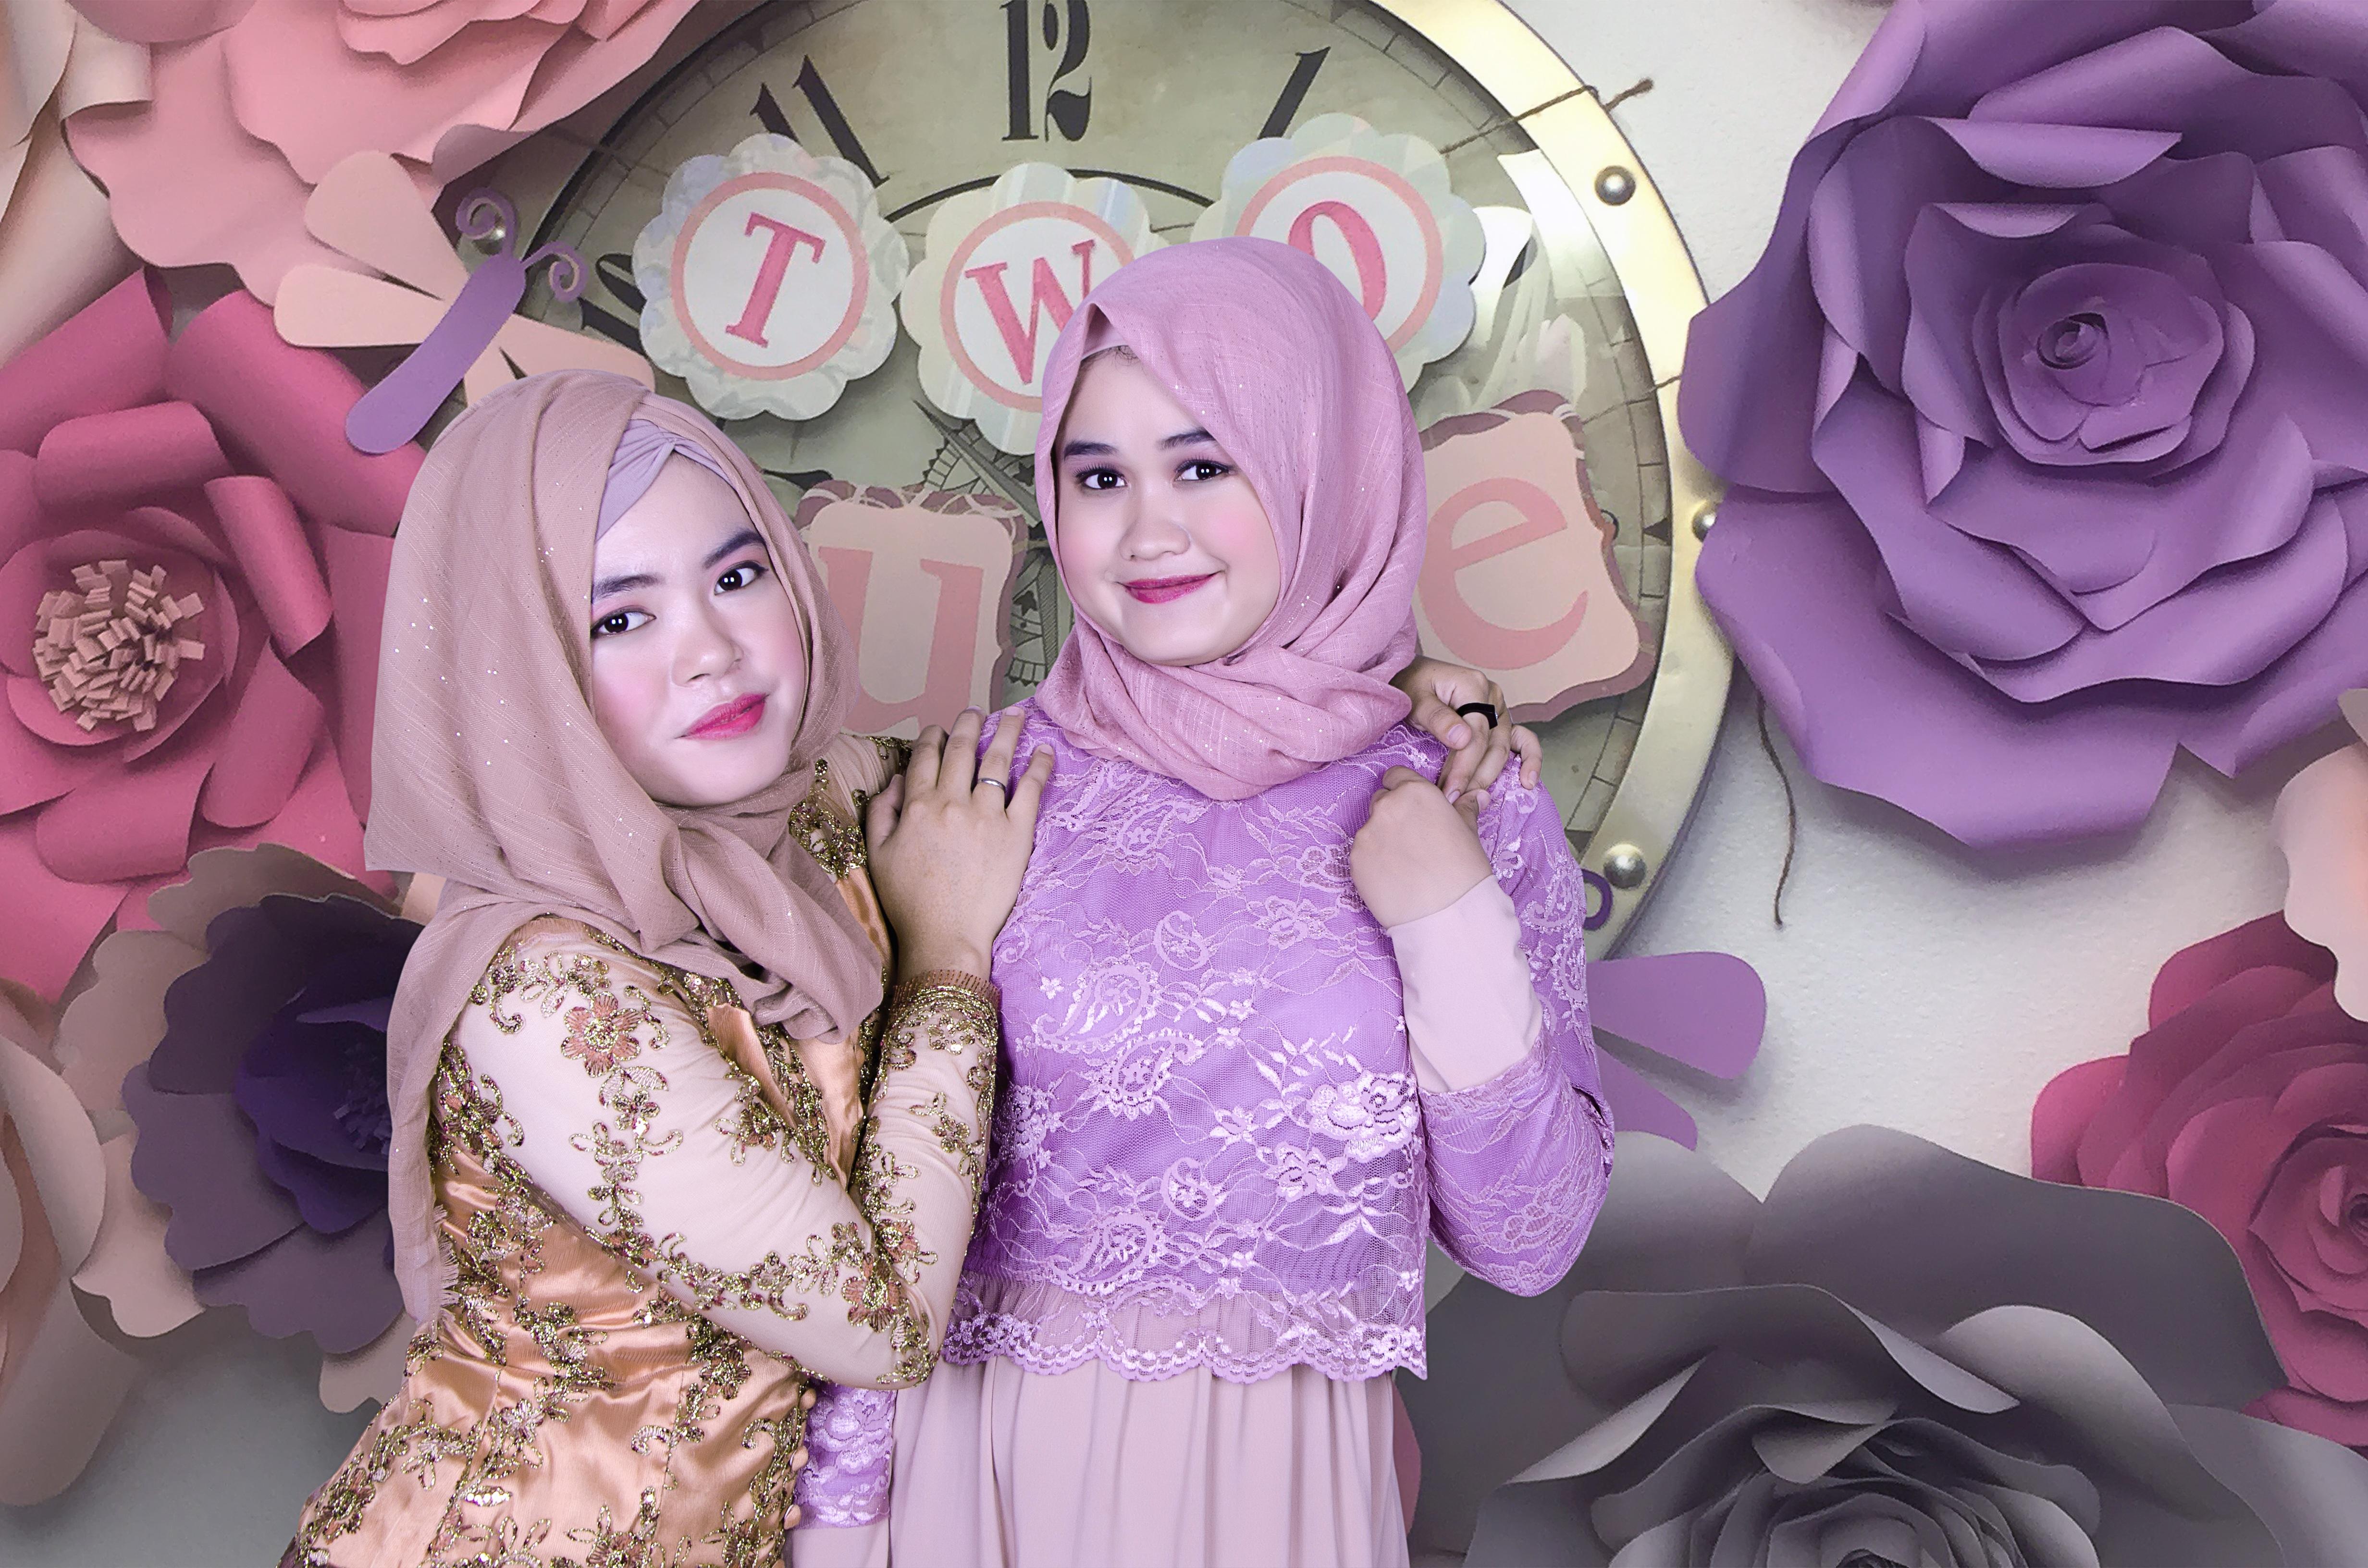 Bunga Ungu Model Muda Merah Berwarna Menghadapi Ilustrasi Wanita Kegembiraan Islam Hijab Anime Cantik